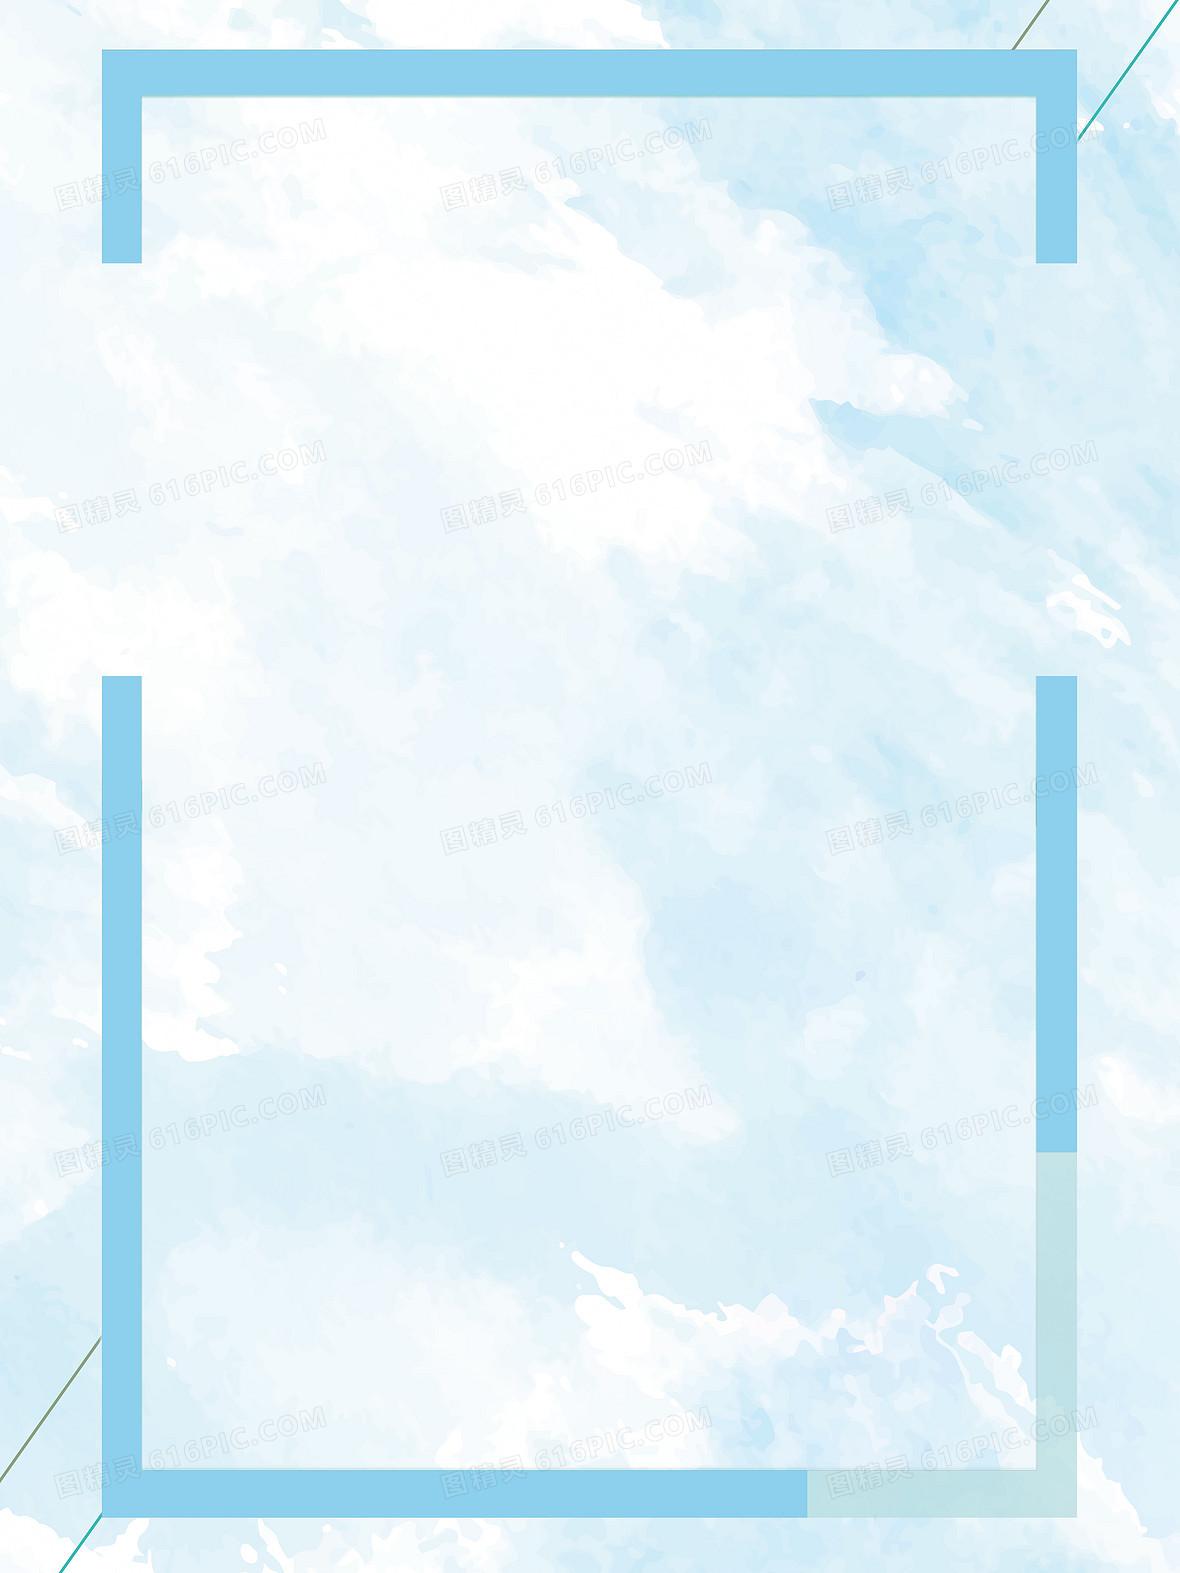 夏季海报背景素材背景图片下载_1920x600像素jpg格式